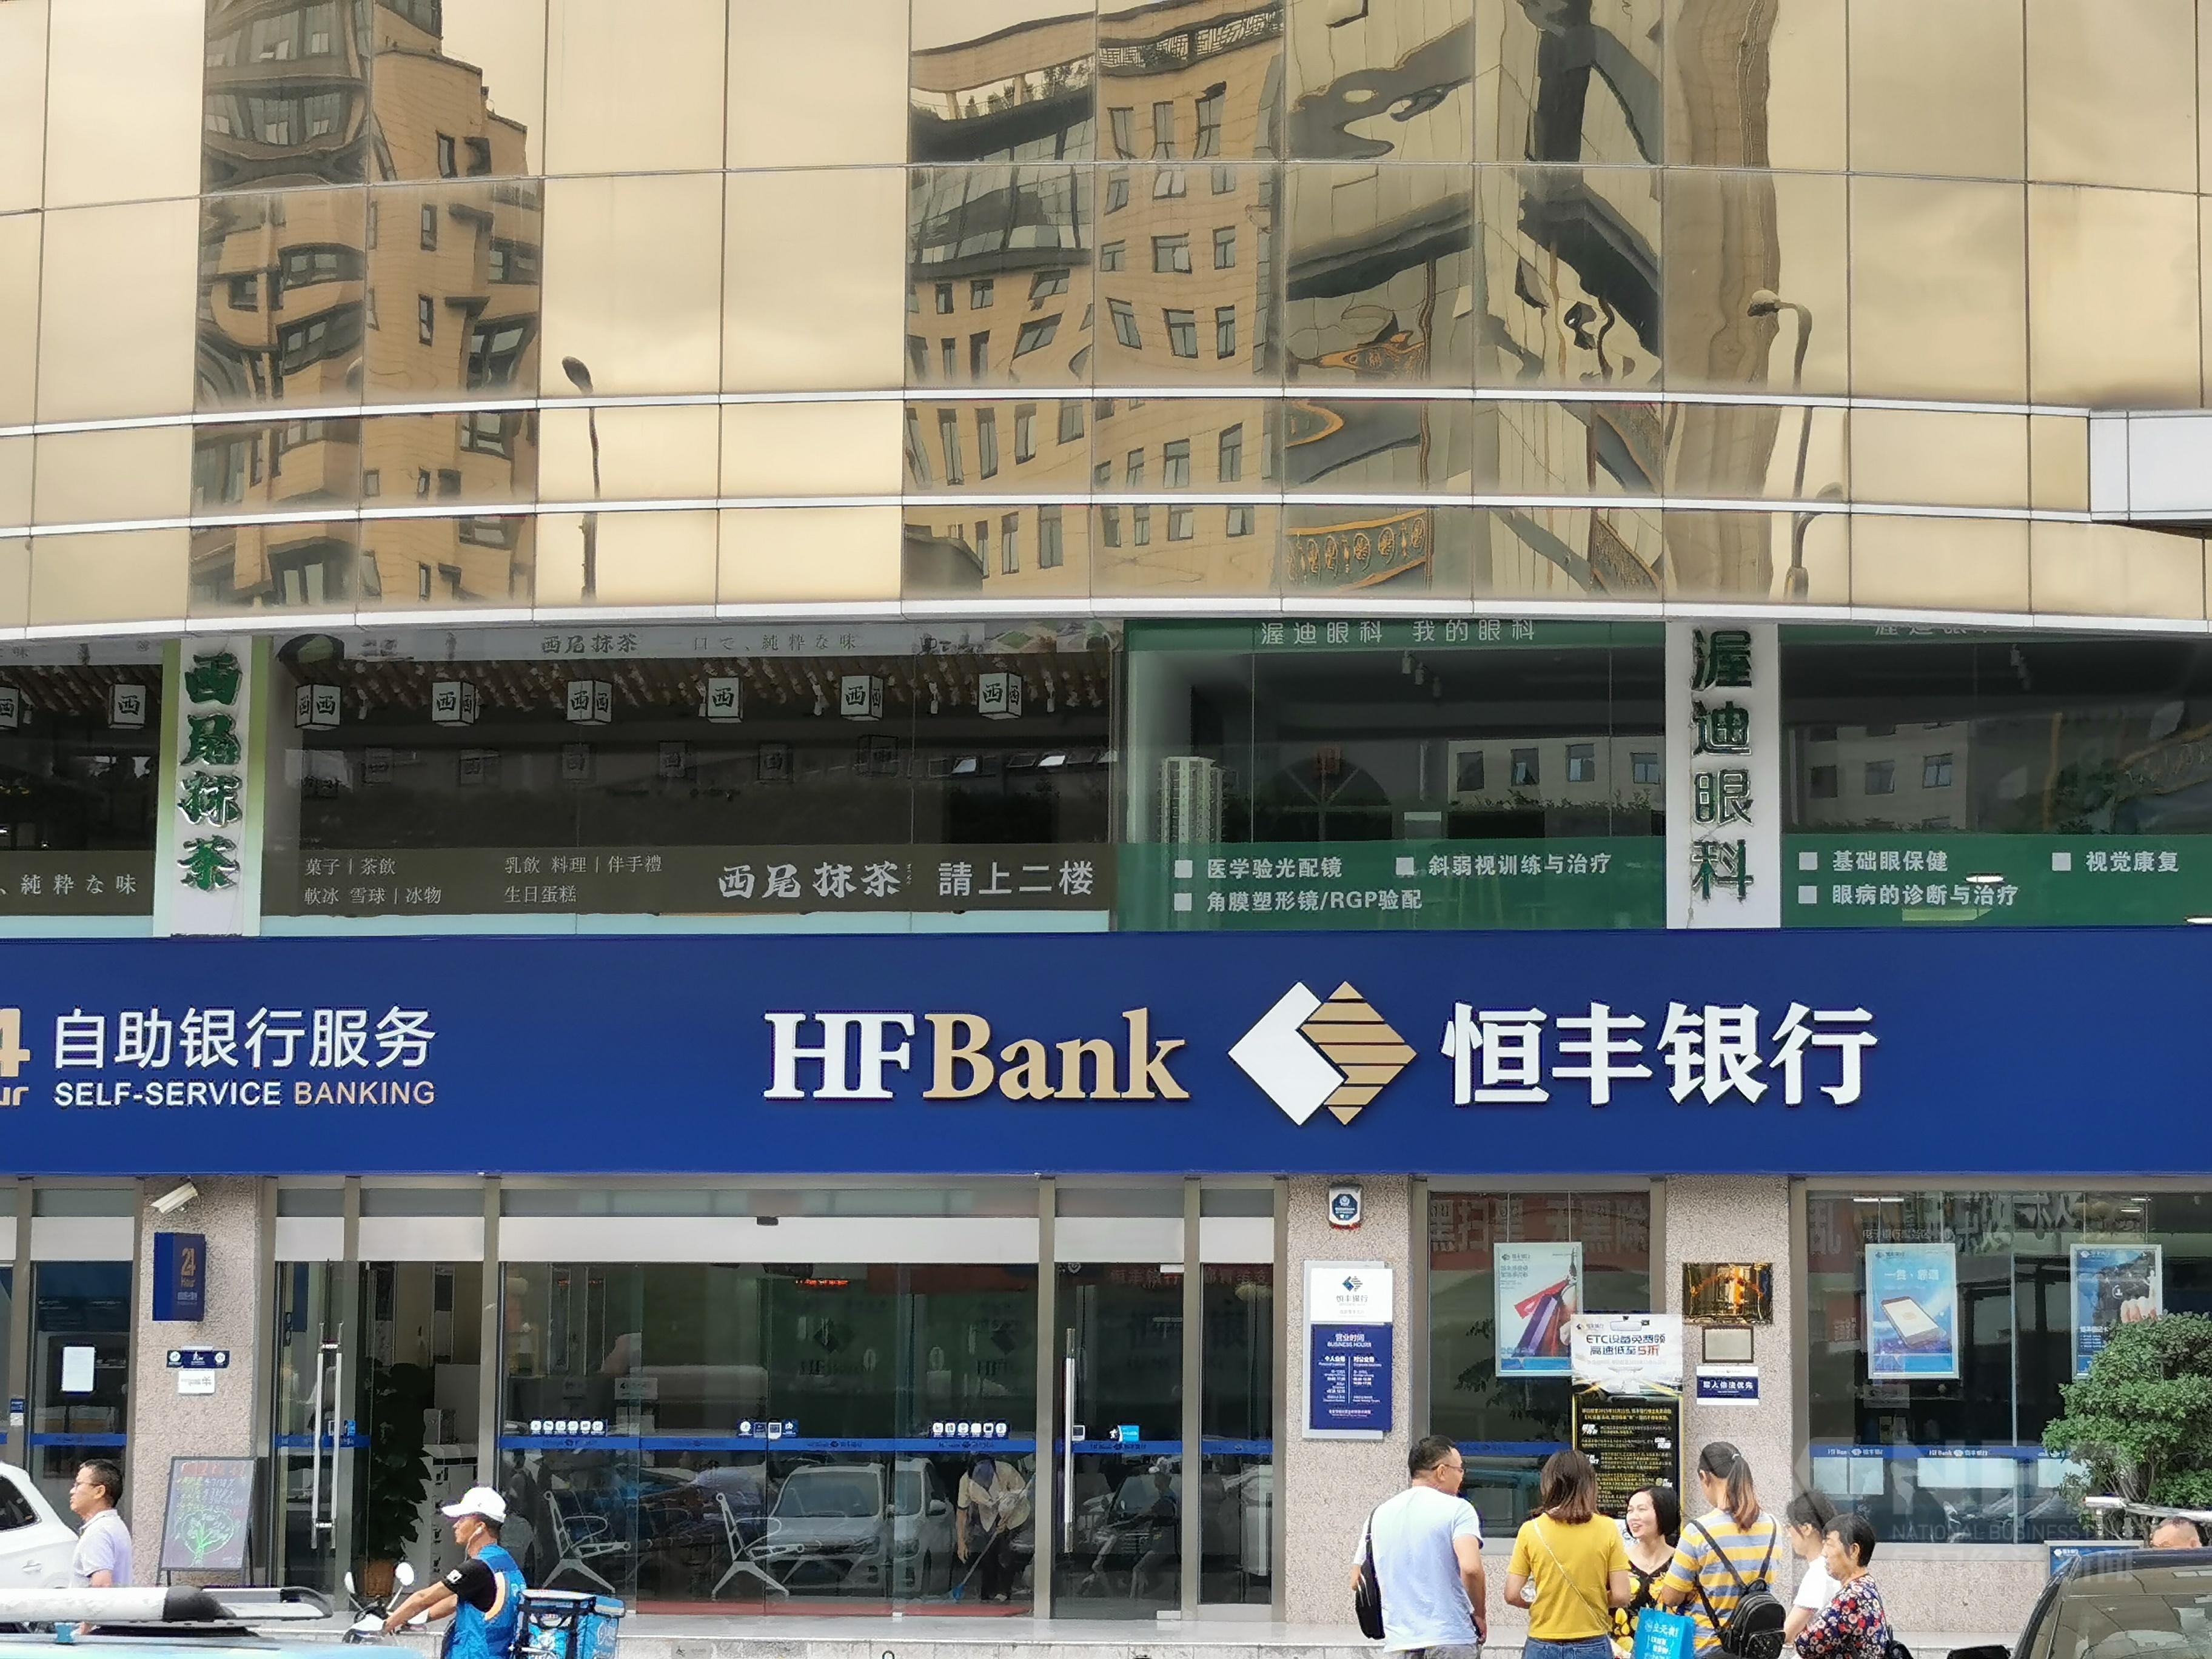 陕西银保监局一日开出罚单23张 恒丰银行西安分行今年以来已至少被查处9宗违规行为